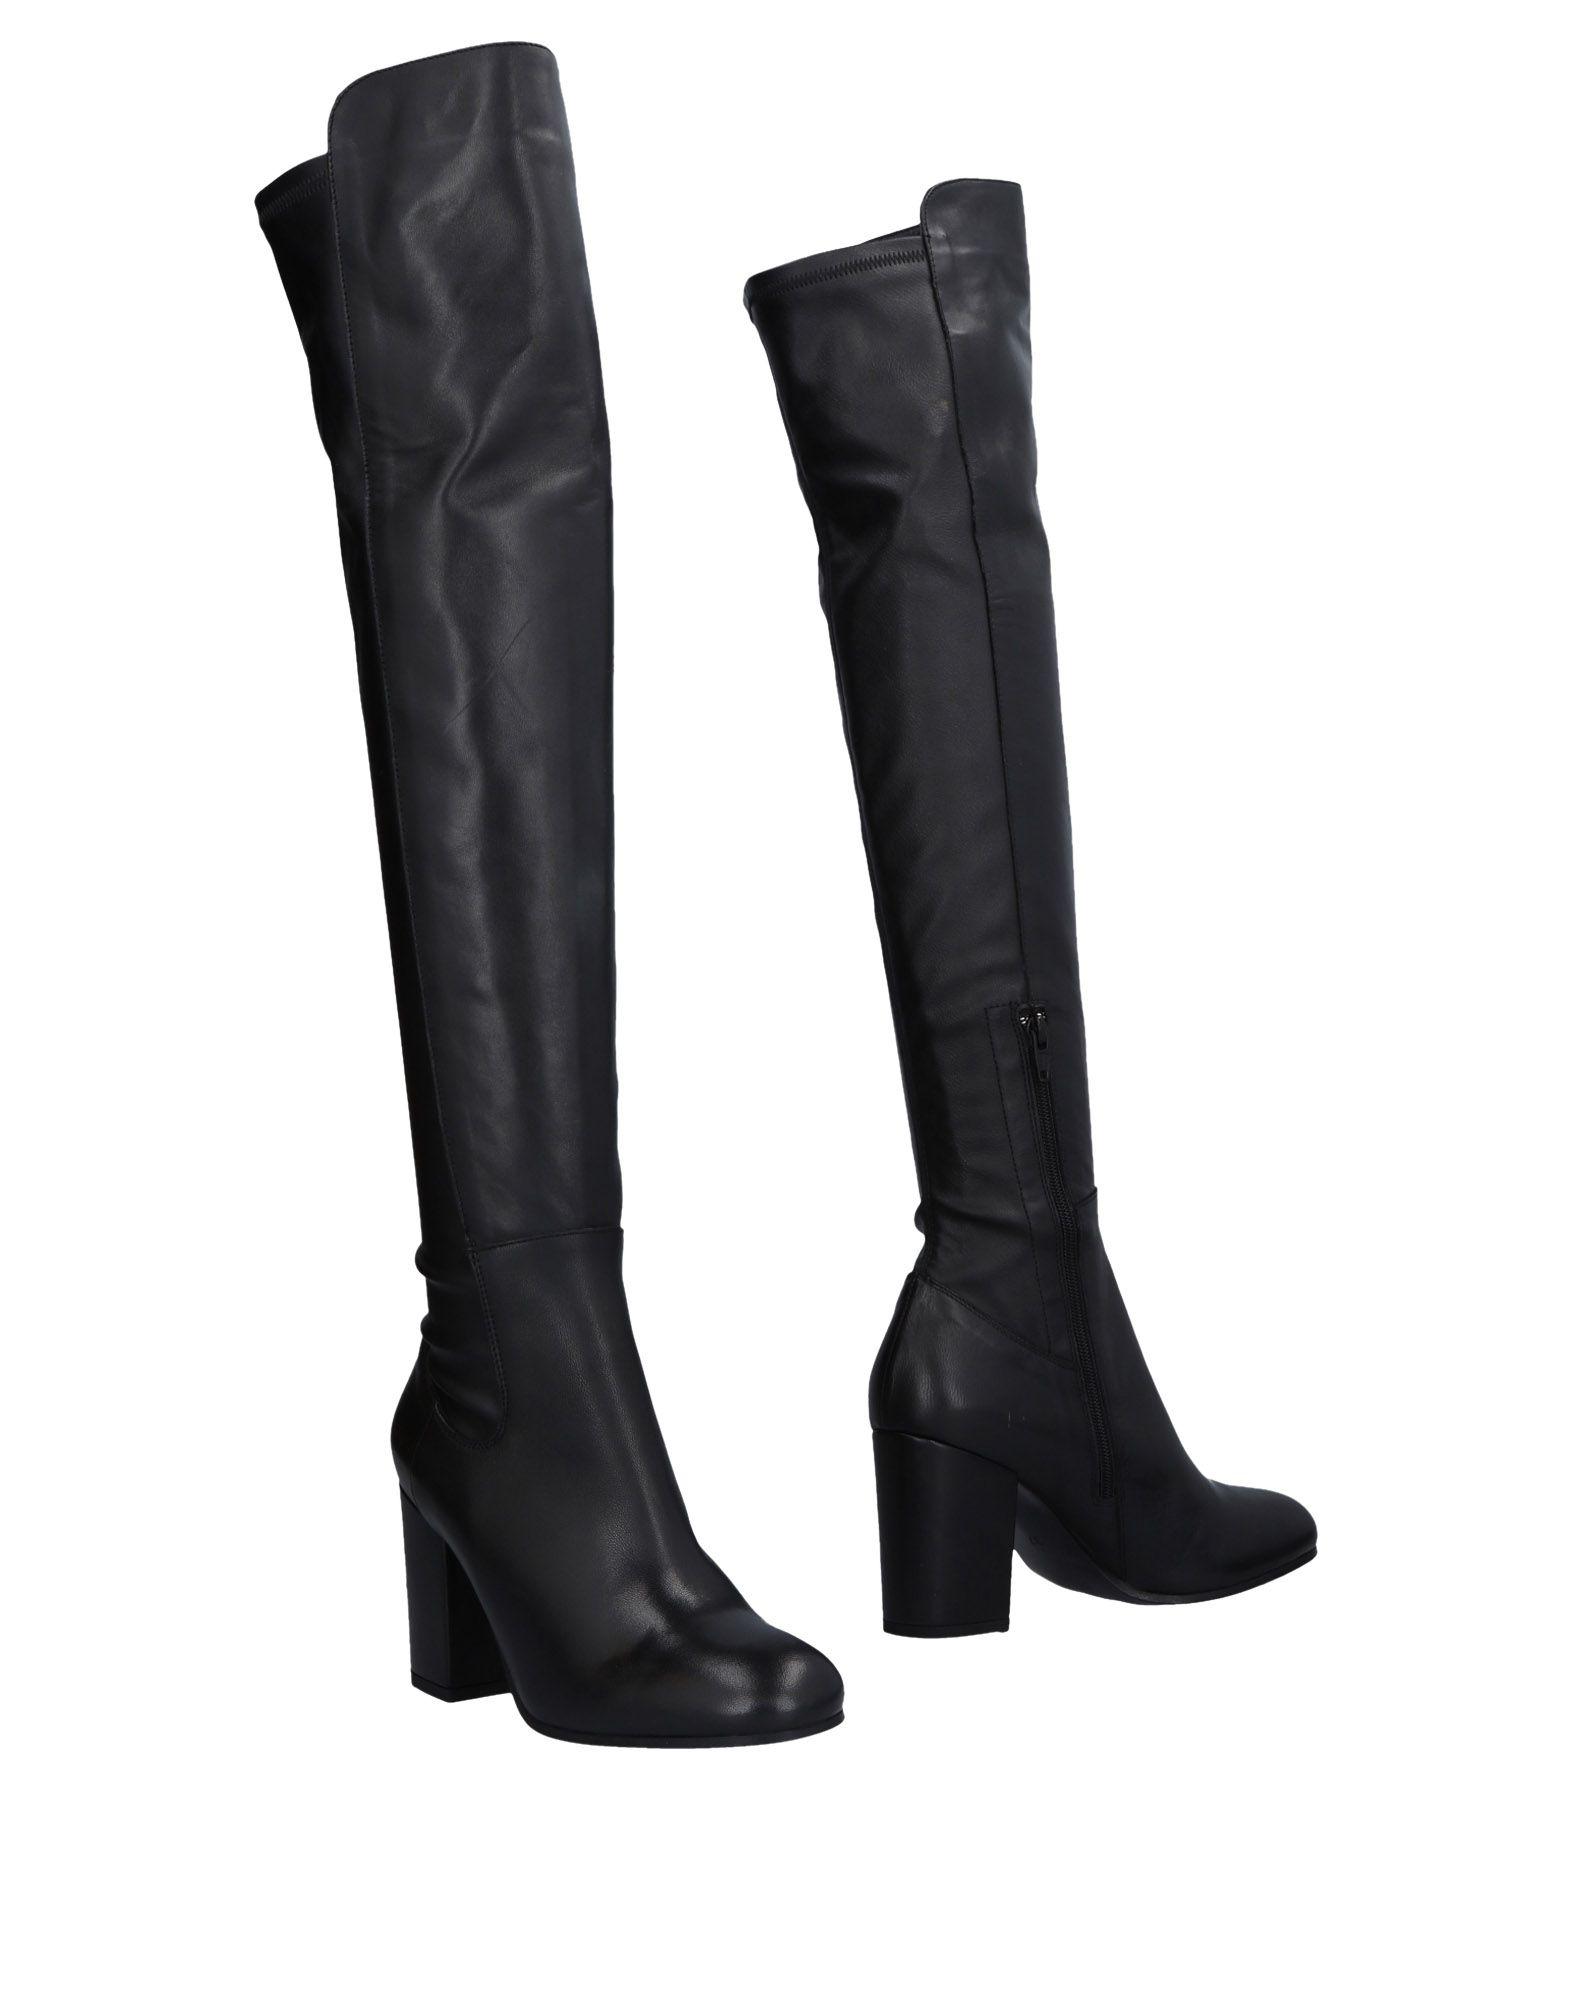 Formentini Stiefel Damen  11478987KI Gute Qualität beliebte Schuhe